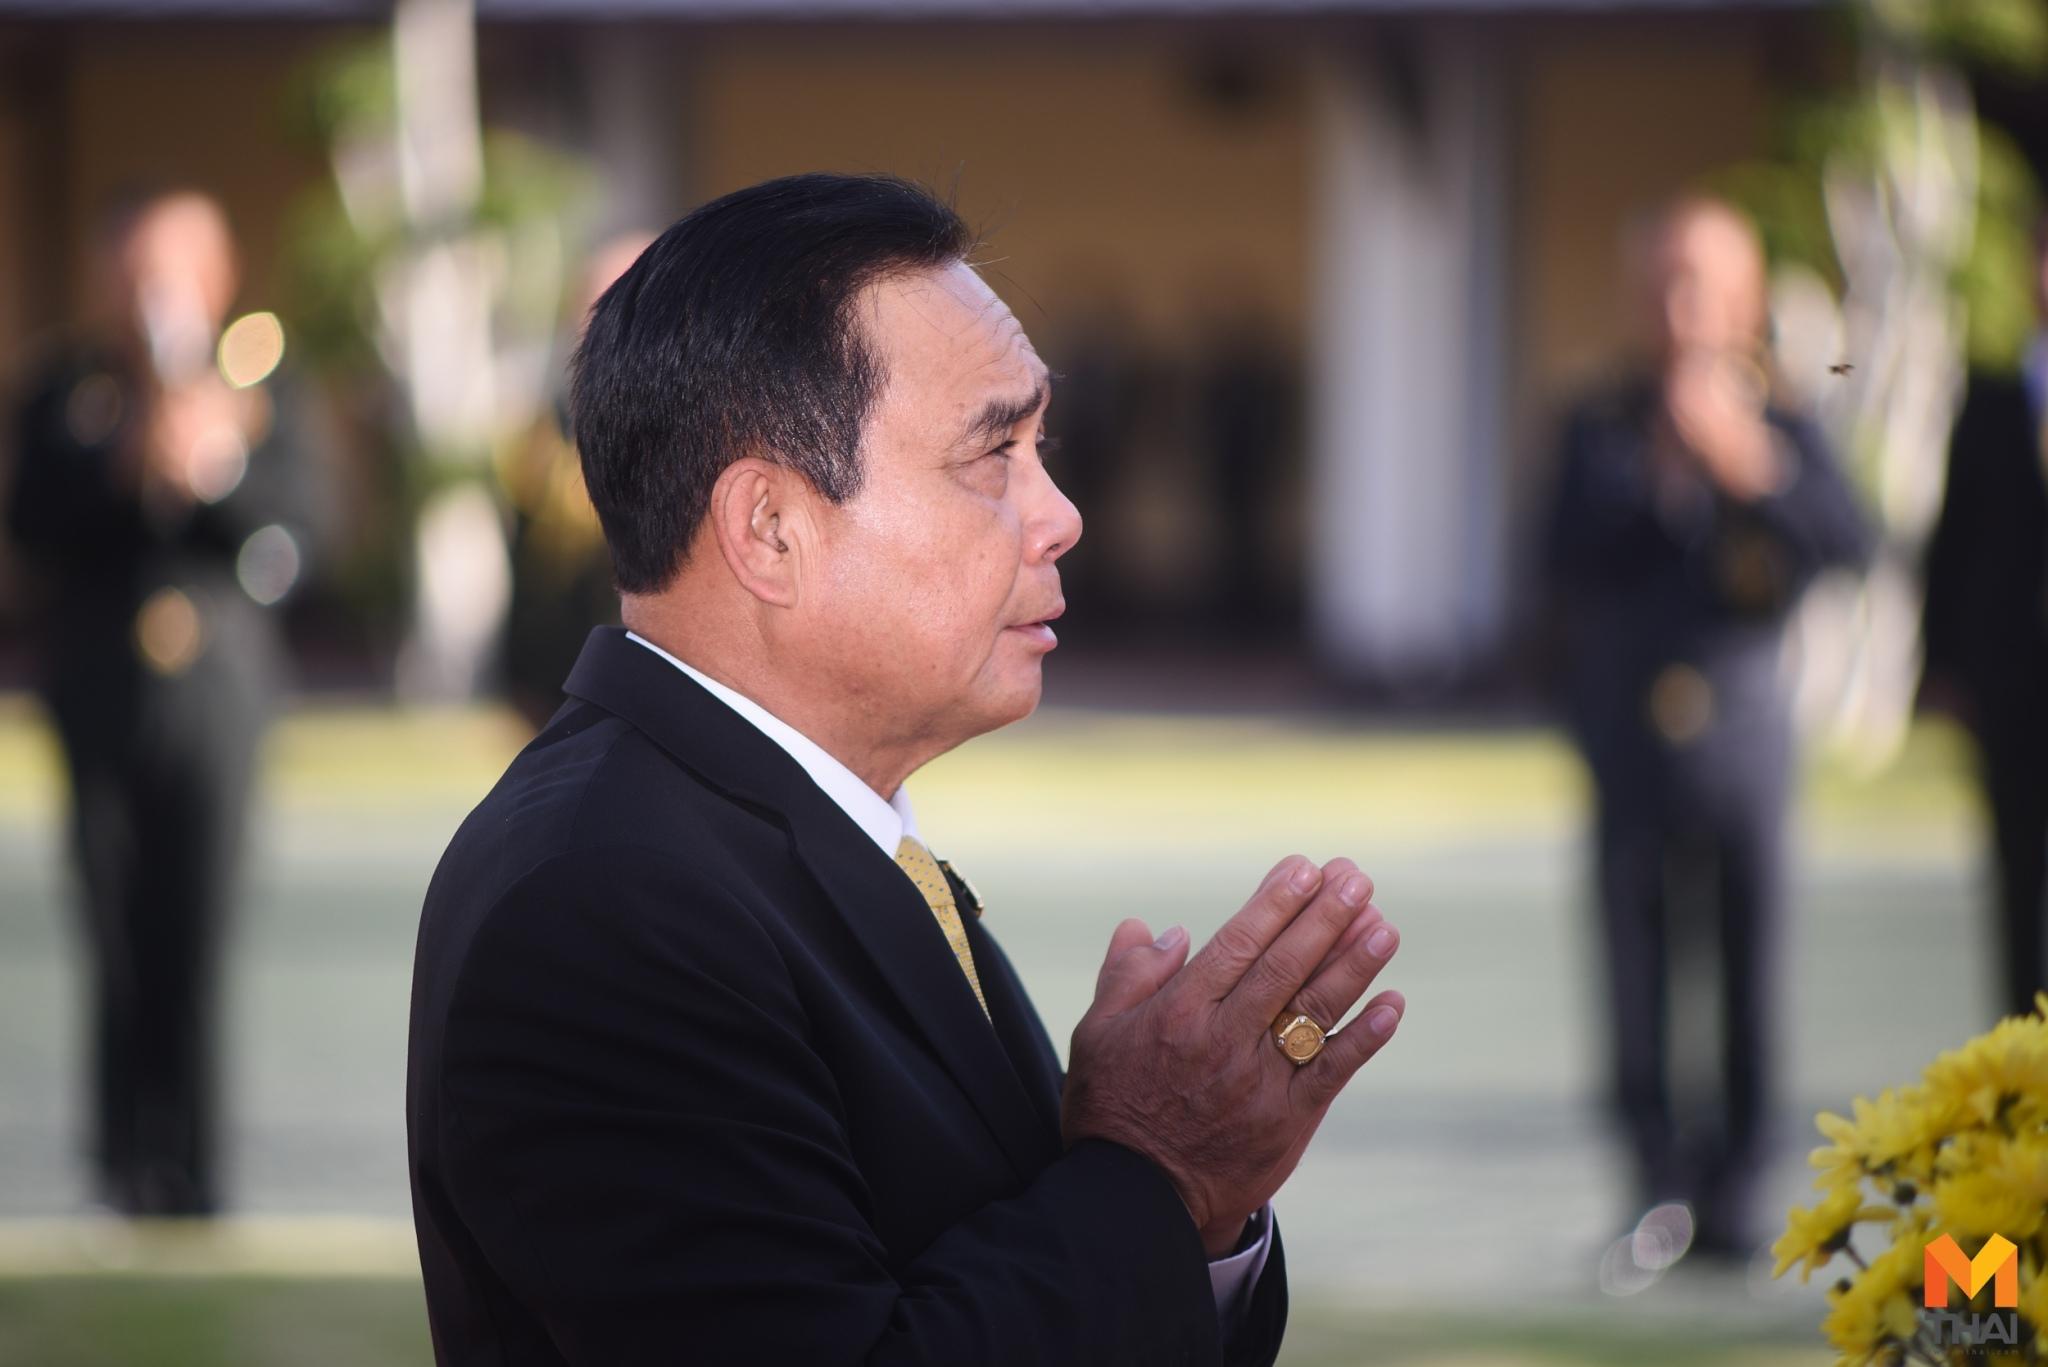 ข่าวนายกรัฐมนตรี ข่าวระเบิด ข่าวสดวันนี้ พล.องประยุทธ์ จันทร์โอชา ระเบิดกรุง ระเบิดกรุงเทพ